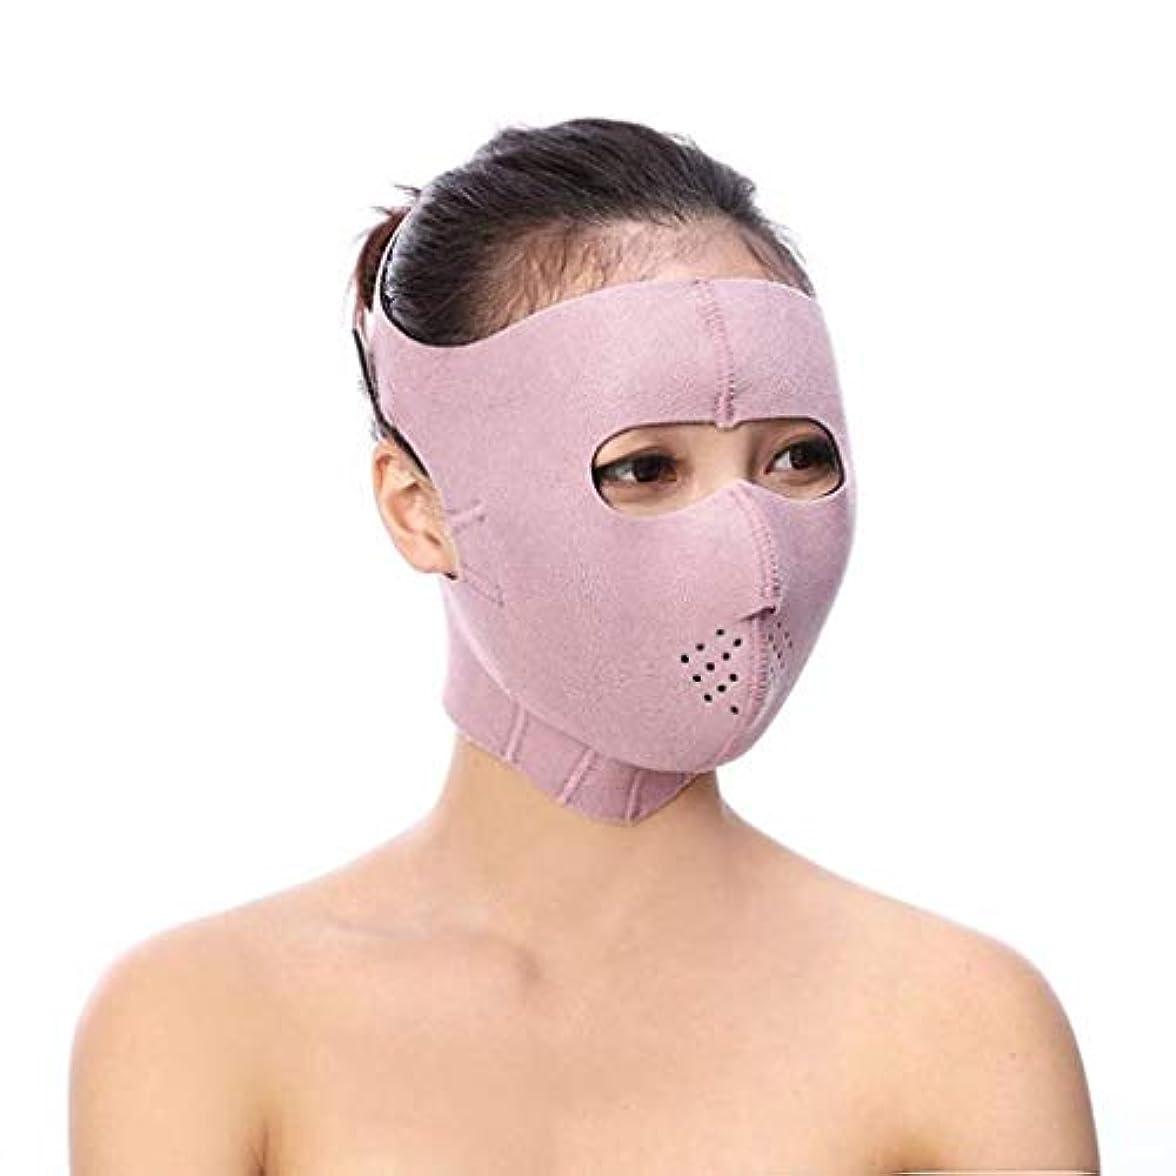 フェイスリフティング痩身Vフェイスマスクフルカバレッジ包帯減少フェイシャルダブルチンケア減量美容ベルト